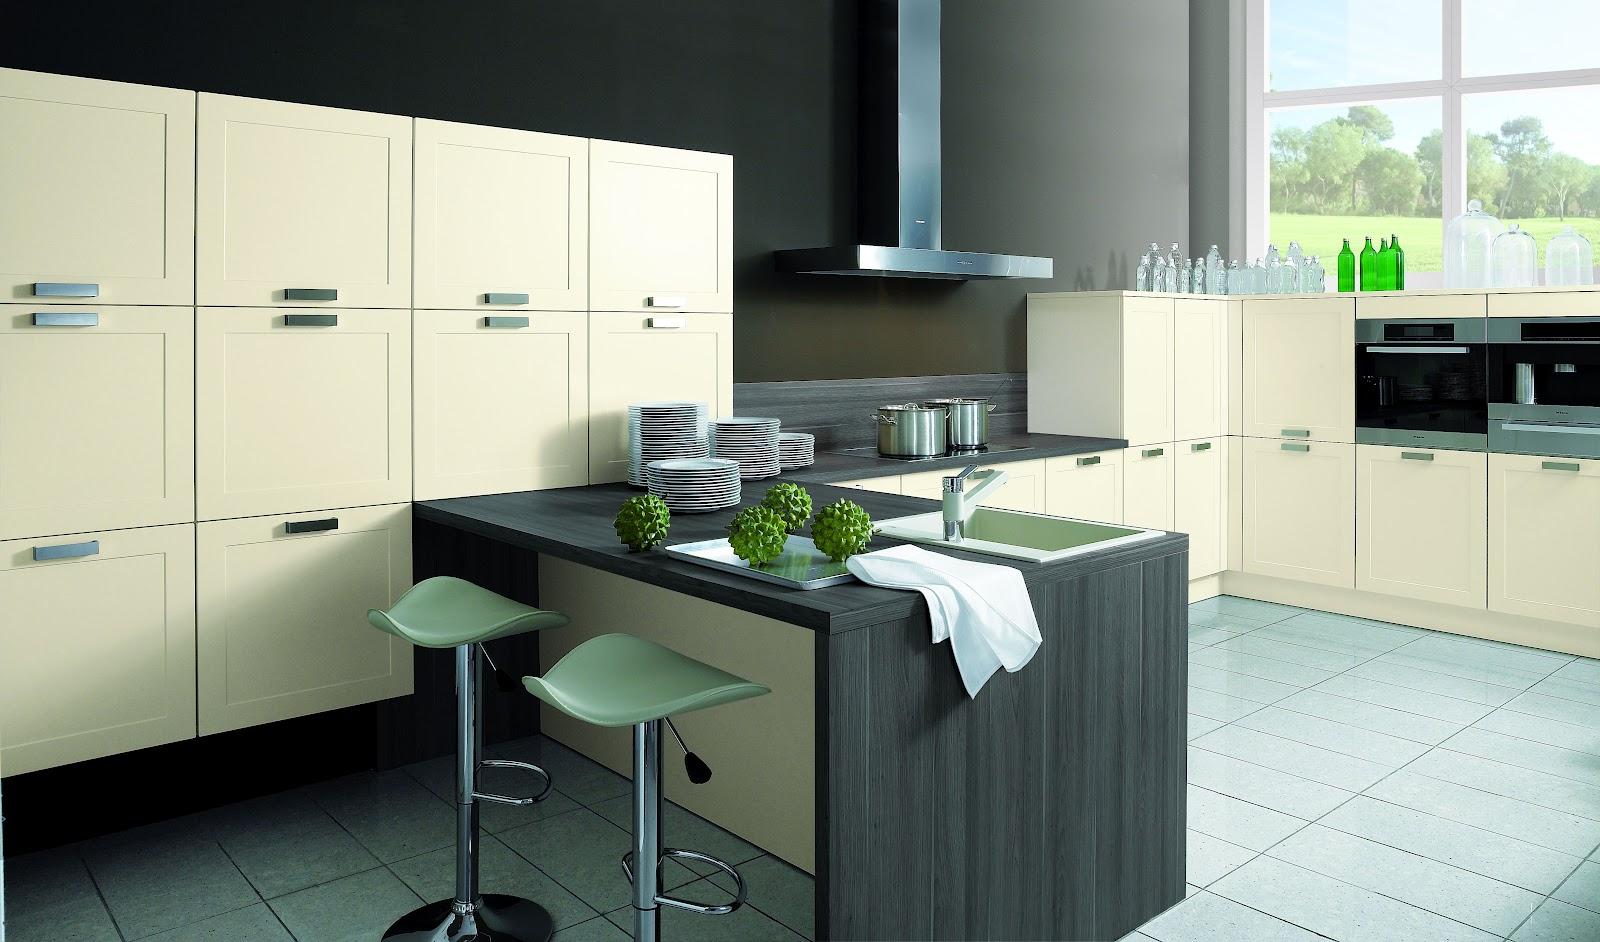 Lucas Designer de Interiores: Referências Projetos de Cozinha #6F7D4E 1600 942